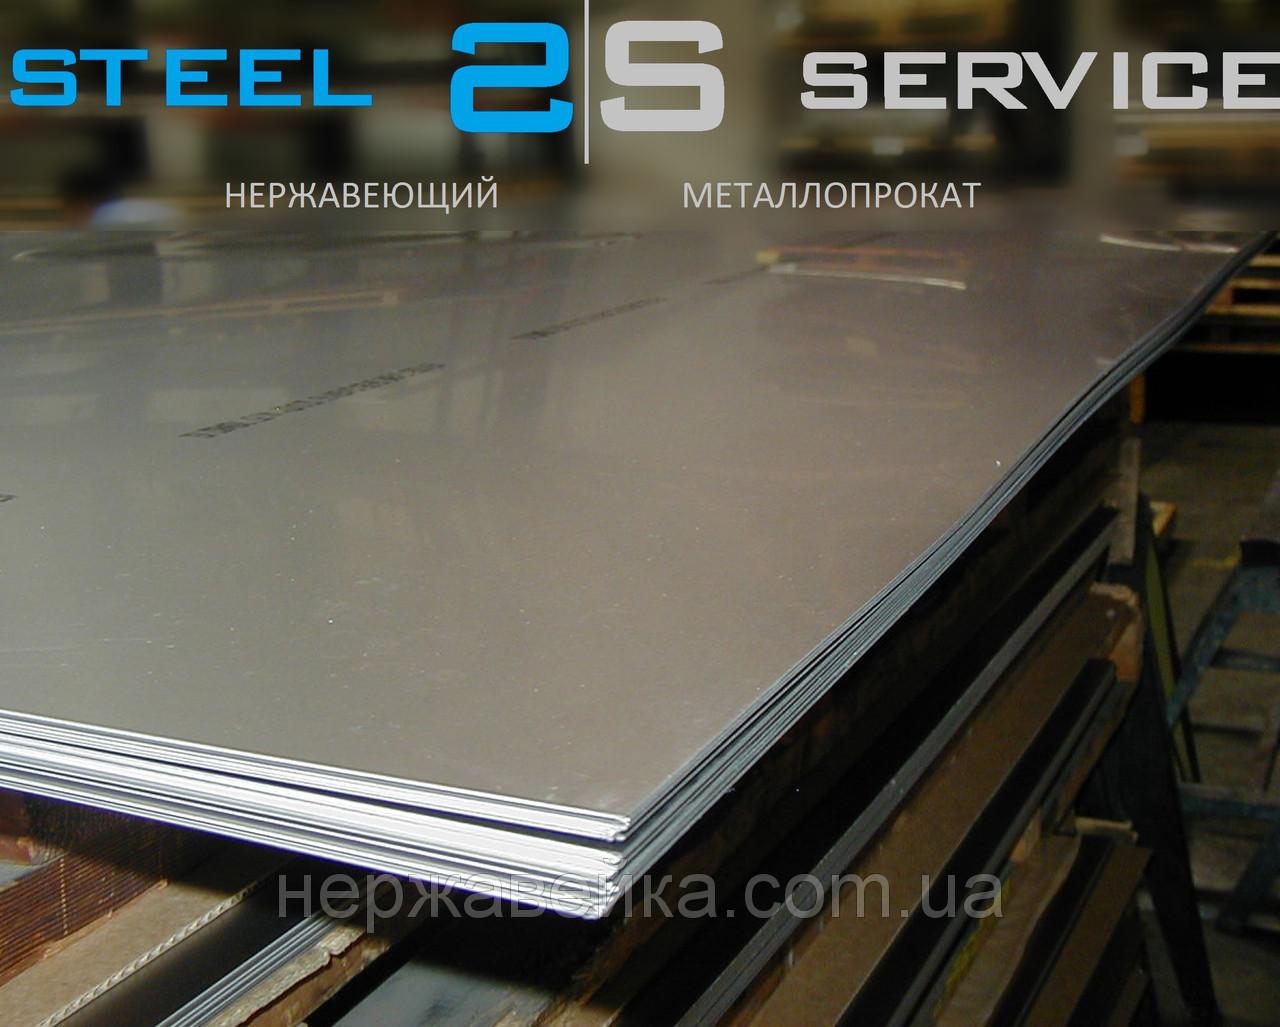 Нержавейка лист 2х1000х2000мм  AISI 321(08Х18Н10Т) 4N - шлифованный,  пищевой